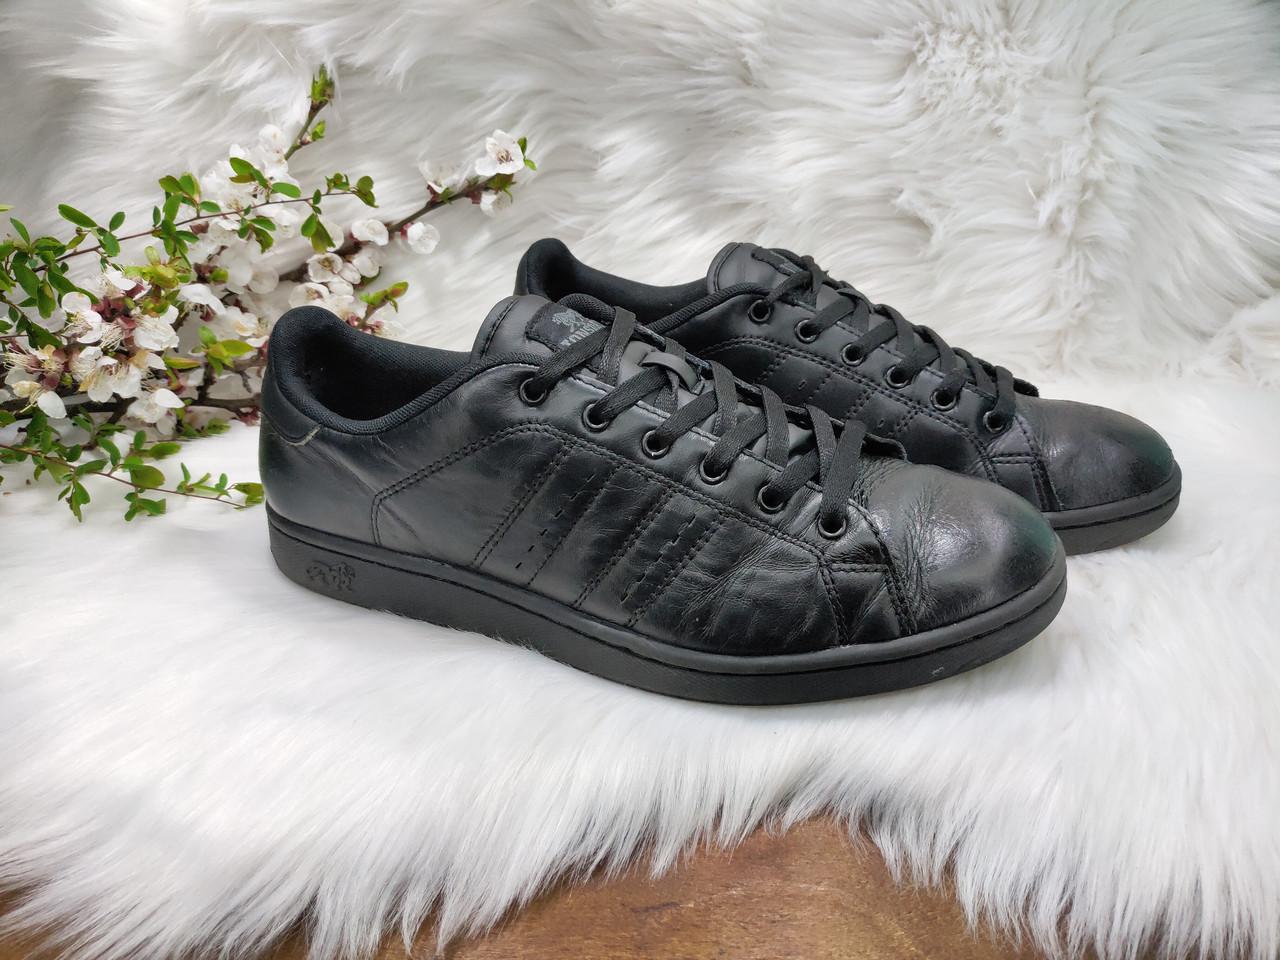 """11608997 Кроссовки Lonsdale (44 размер) бу - Интернет-магазин обуви из Европы """"Шаг"""